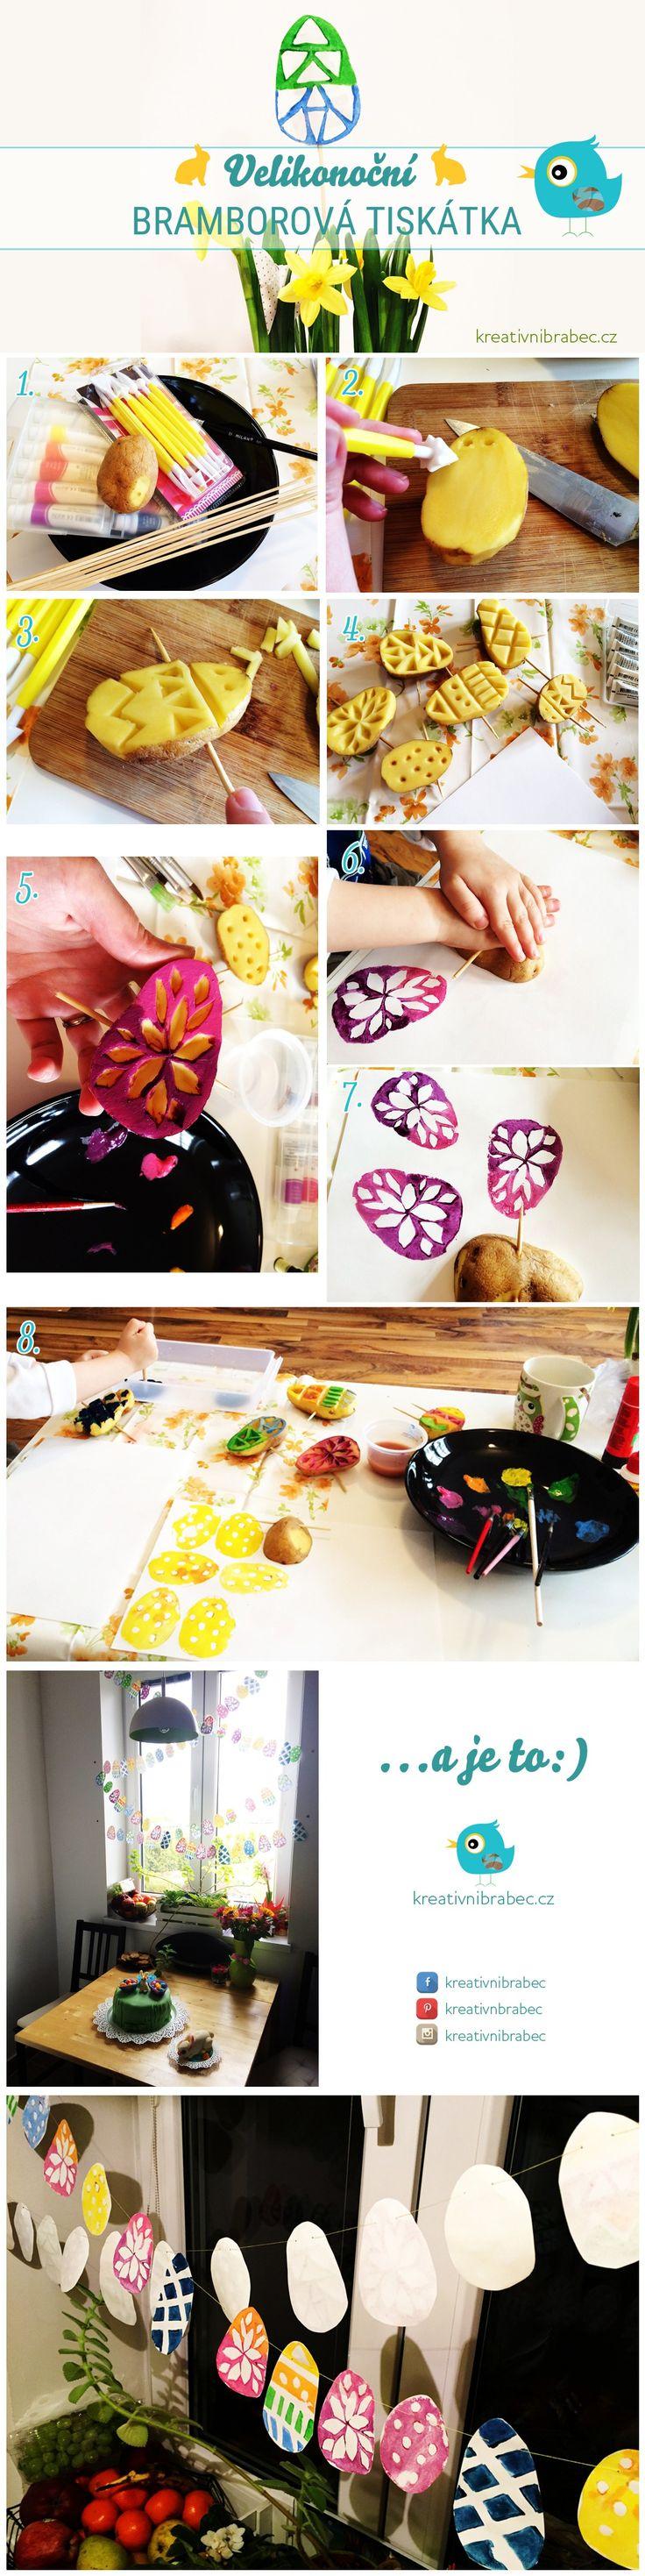 Hledáte další jednoduchý způsob, jak si s dětmi užít trošku legrace a zároveň vyrábět něco zajímavého a tématického? Tak to jsou tady razítka vyrobená z brambor právě pro vás:) Velice jednoduchý zp…